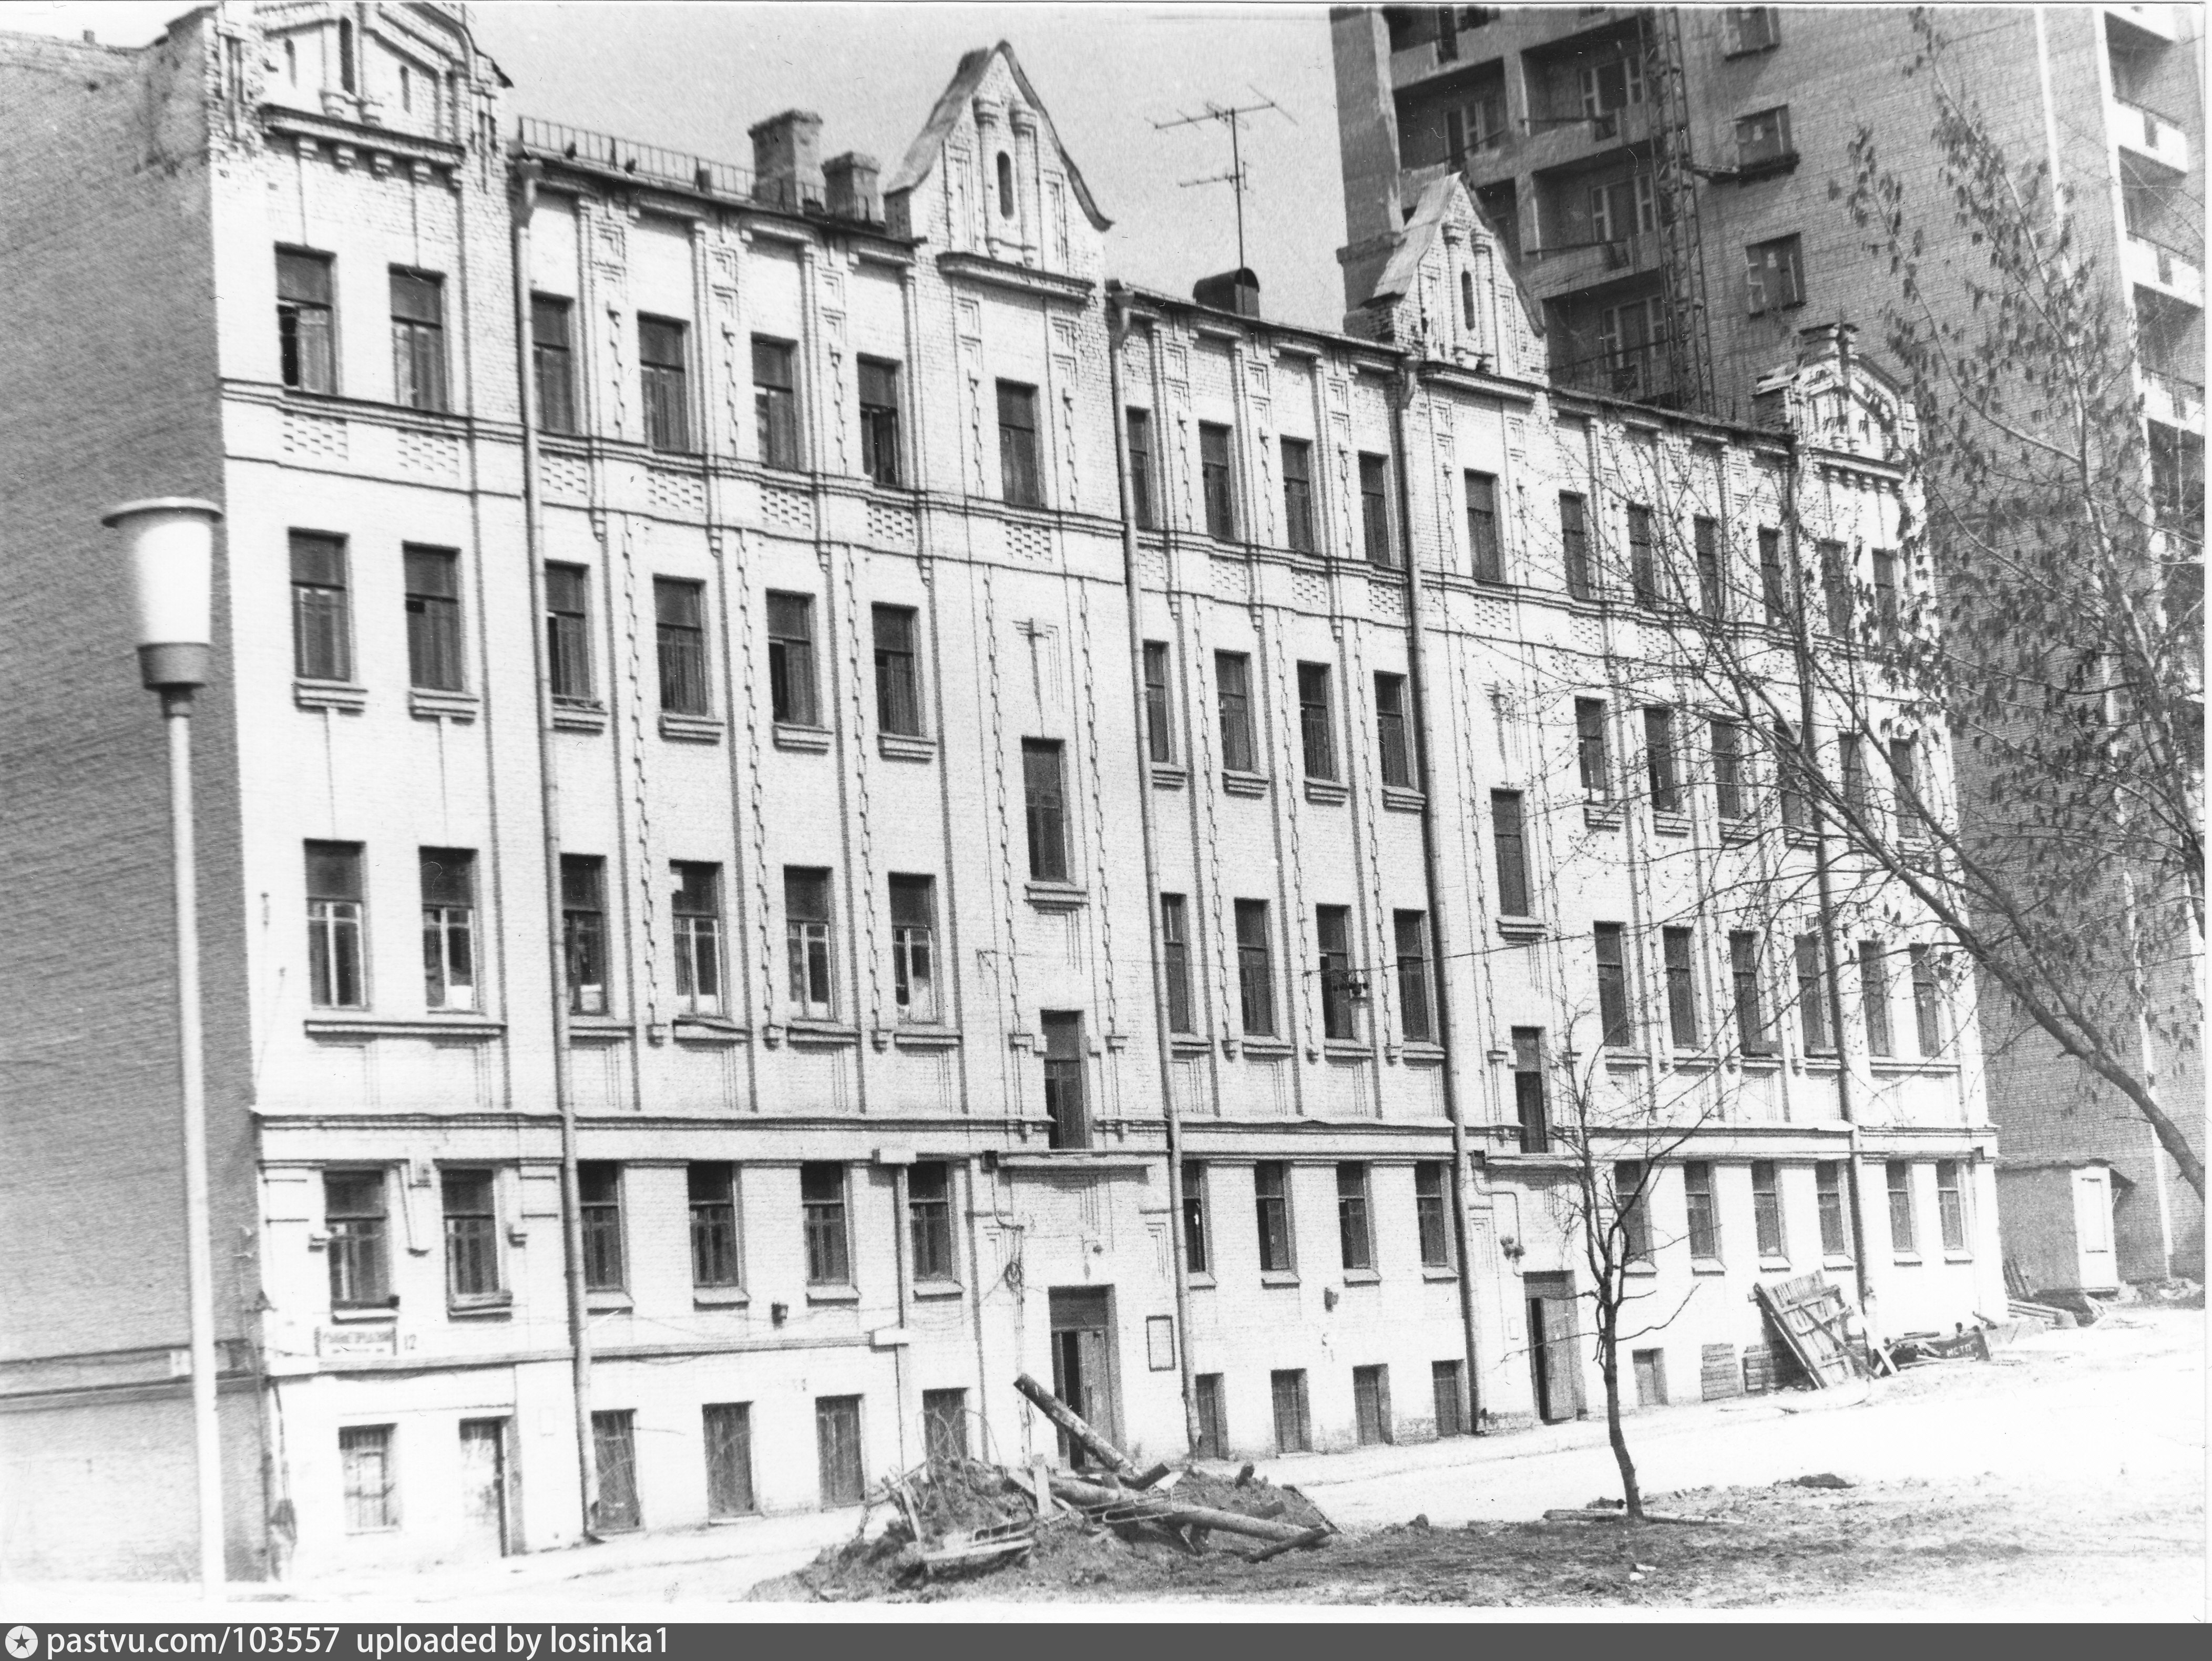 Мастерская стиральных машин 1-й, 2-й Бабьегородский переулок обслуживание стиральных машин bosch Тургеневская